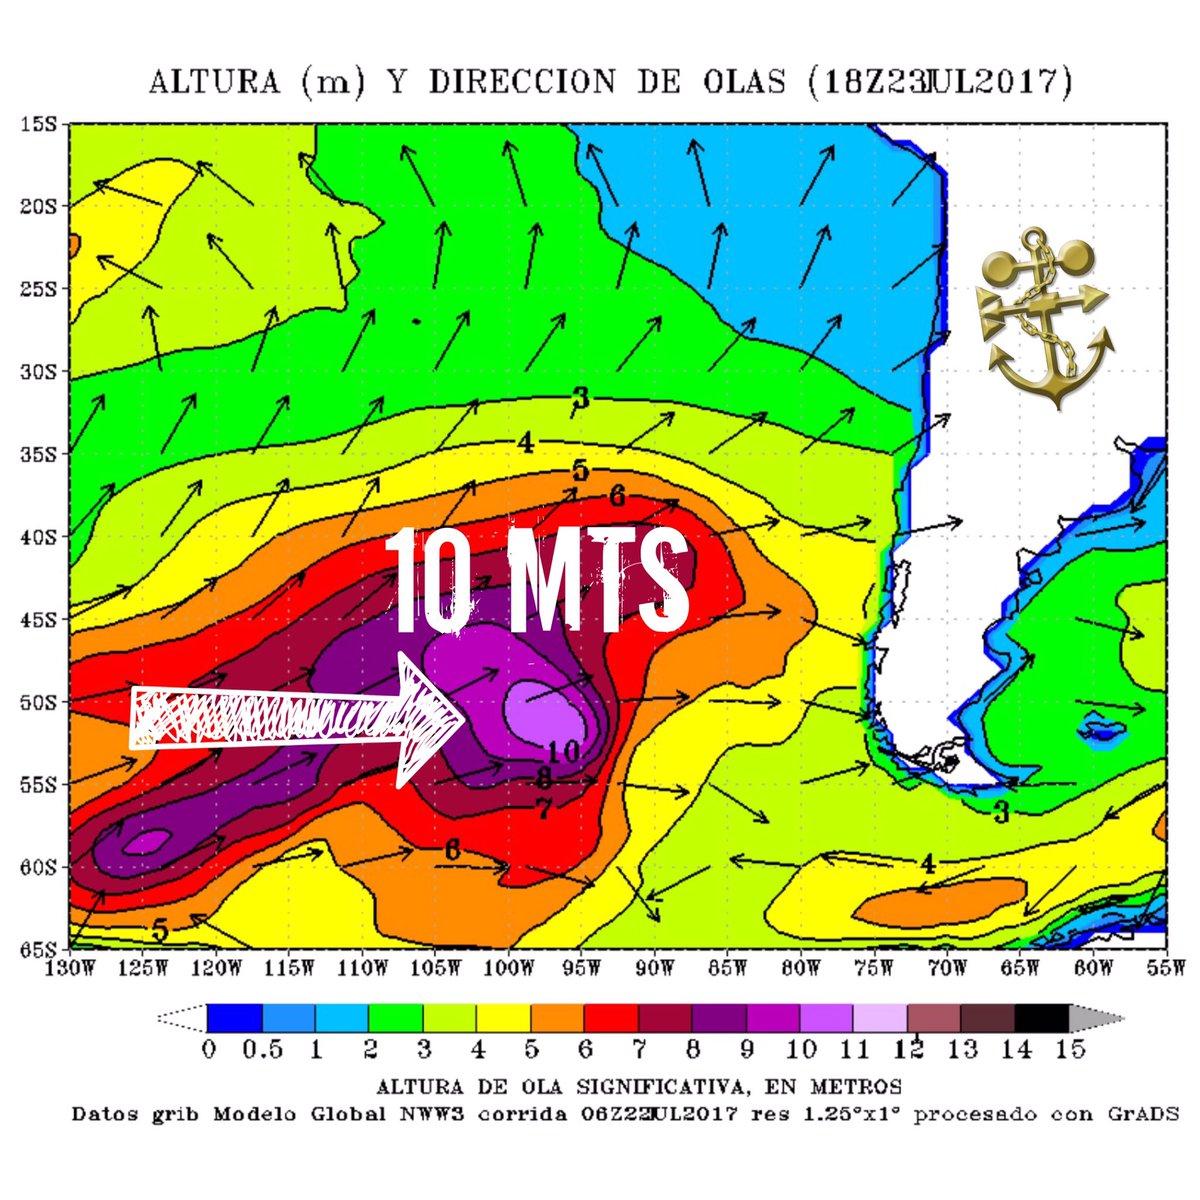 RT @MetArmada_Valp Fuerte viento generará olas de hasta 10 mts área oceánica y 4 metros en borde costero, provocando #Marejadas.